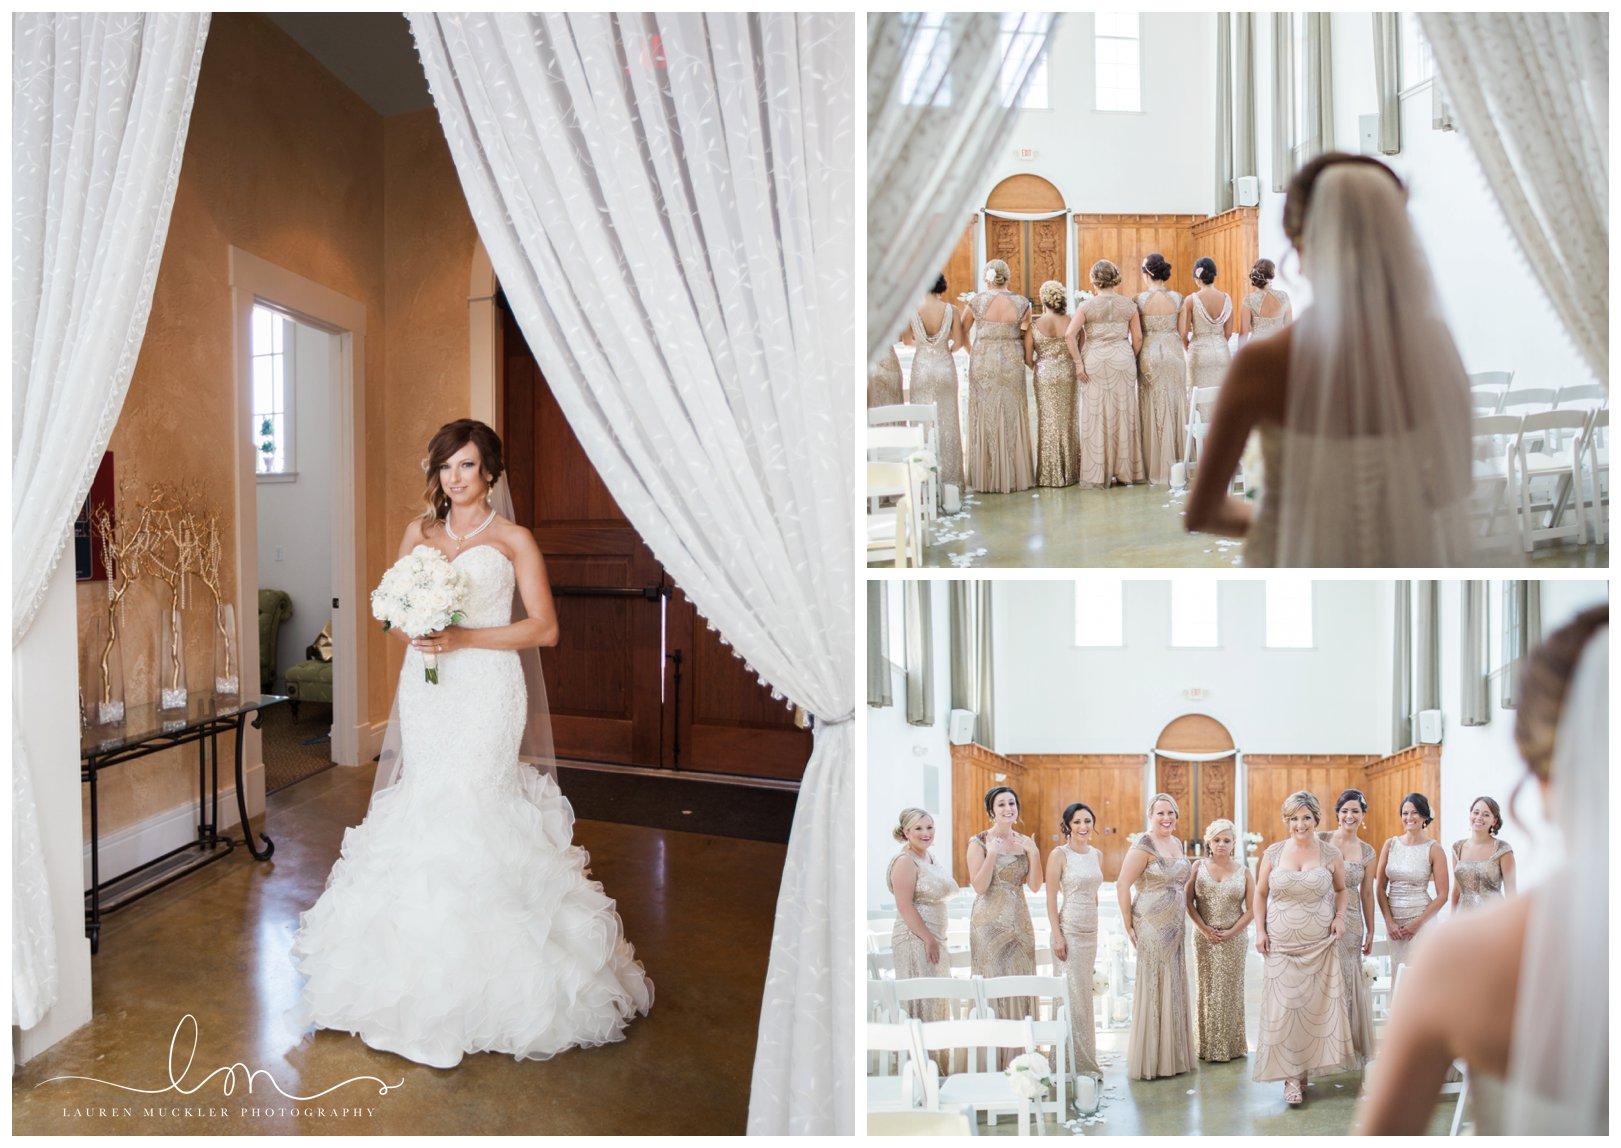 lauren muckler photography_fine art film wedding photography_st louis_photography_0460.jpg